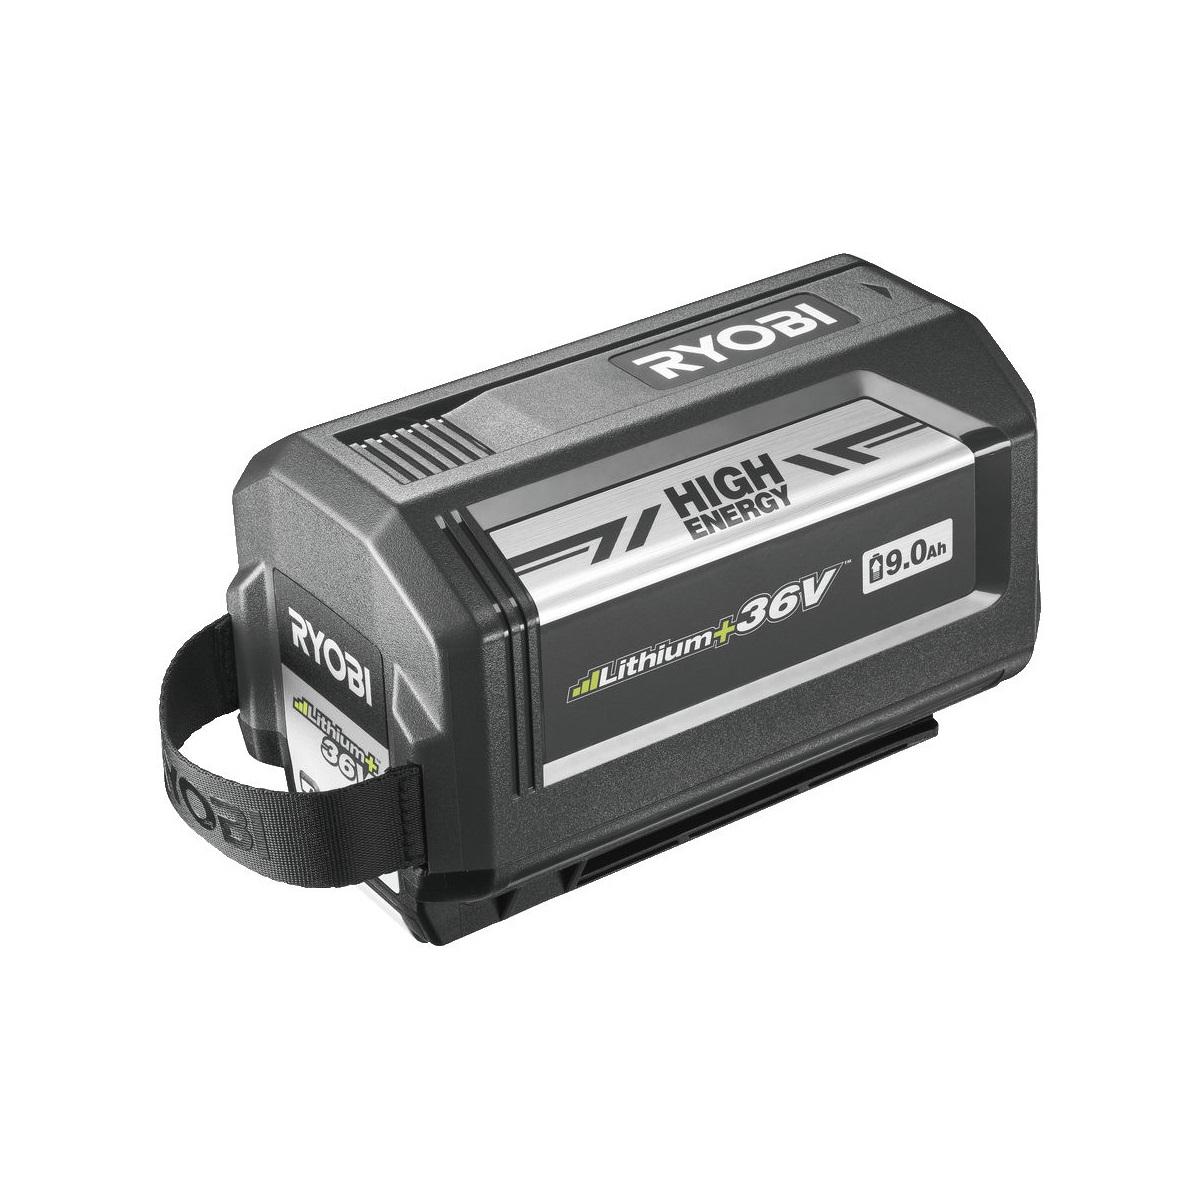 Ryobi RY36B90A, 36V 1x 6,0 Ah High Energy akumulátor